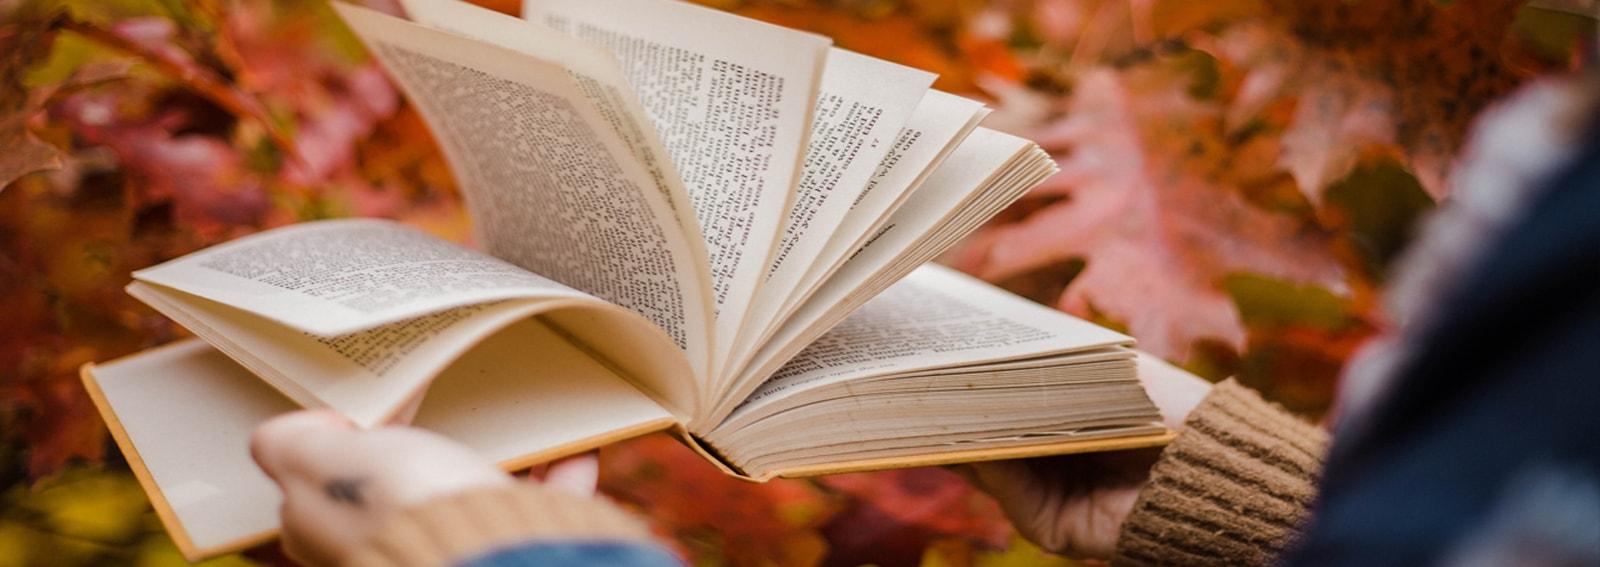 libri-ottobre-visore-DESK